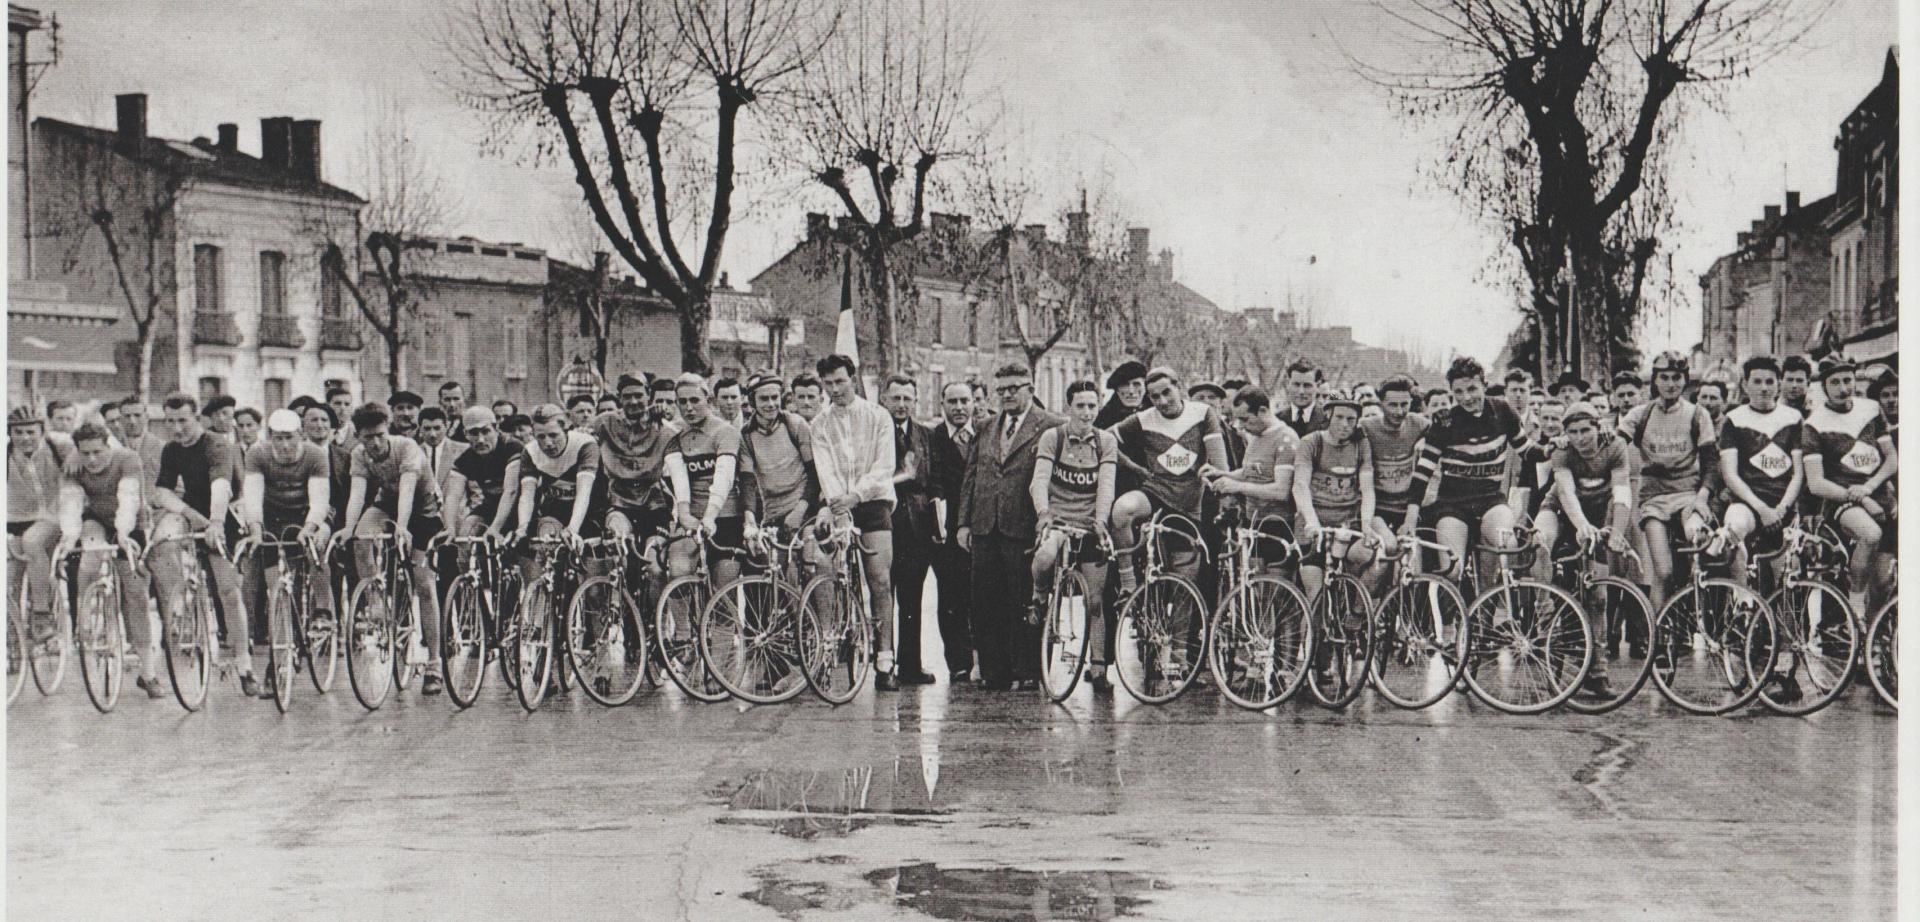 Marmande 1950